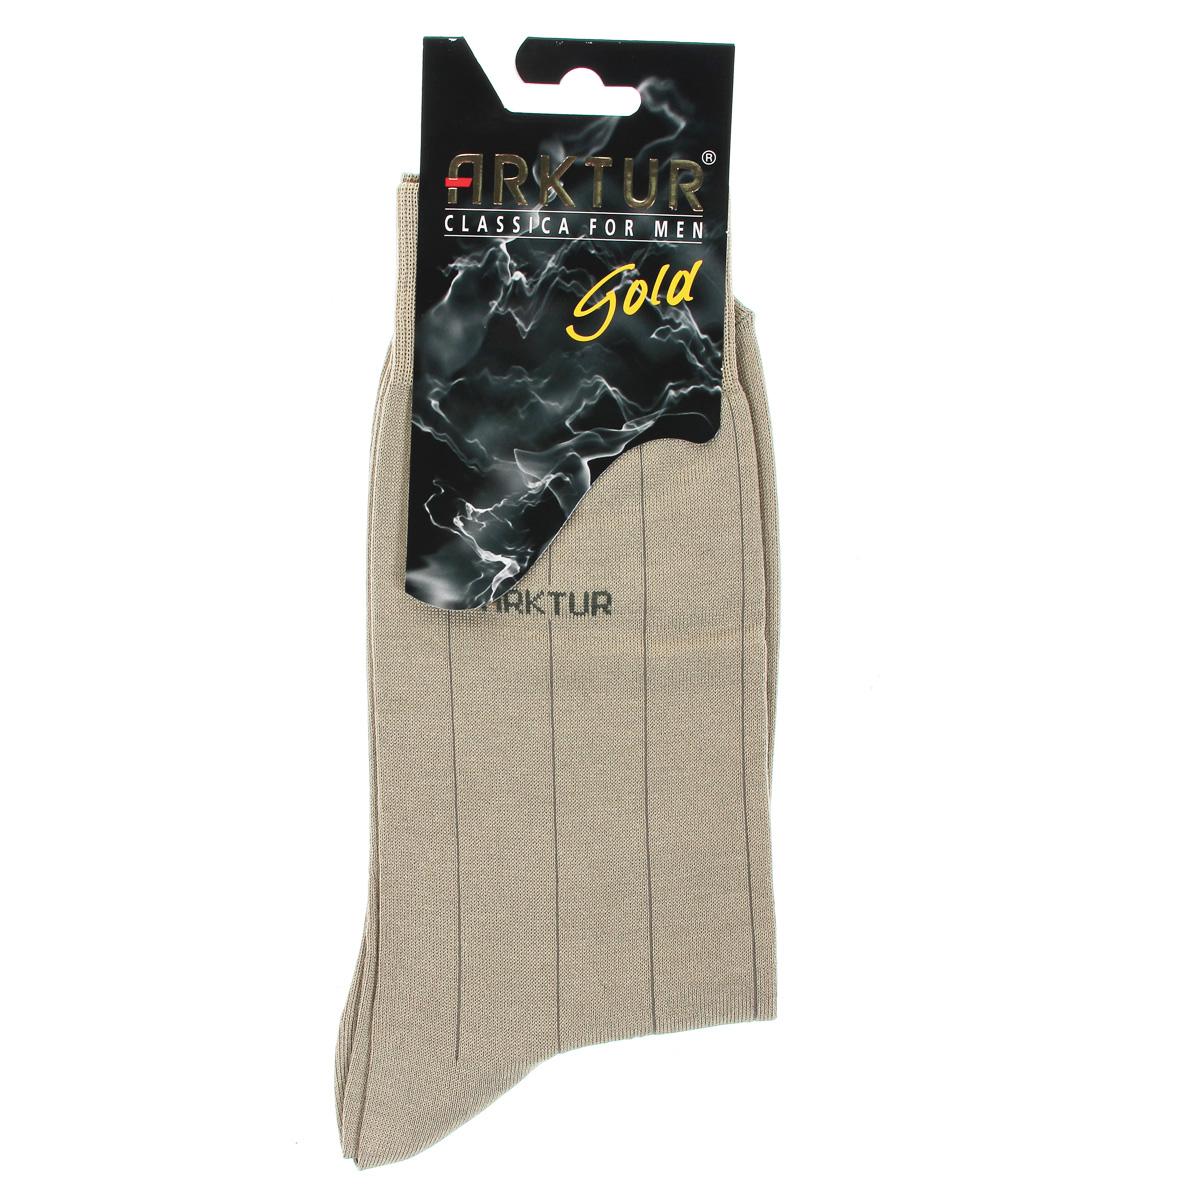 Носки мужские Arktur, цвет: светло-бежевый. Л151. Размер 42/43Л151Мужские носки Arktur престижного класса. Носки превосходного качества из мерсеризованного хлопка отличаются гладкой текстурой и шелковистостью, что создает приятное ощущение нежности и прохлады. Эргономичная резинка пресс-контроль комфортно облегает ногу. Носки обладают повышенной прочностью, не подвержены усадке. Усиленная пятка и мысок. Удлиненный паголенок.Идеальное сочетание практичности, комфорта и элегантности!